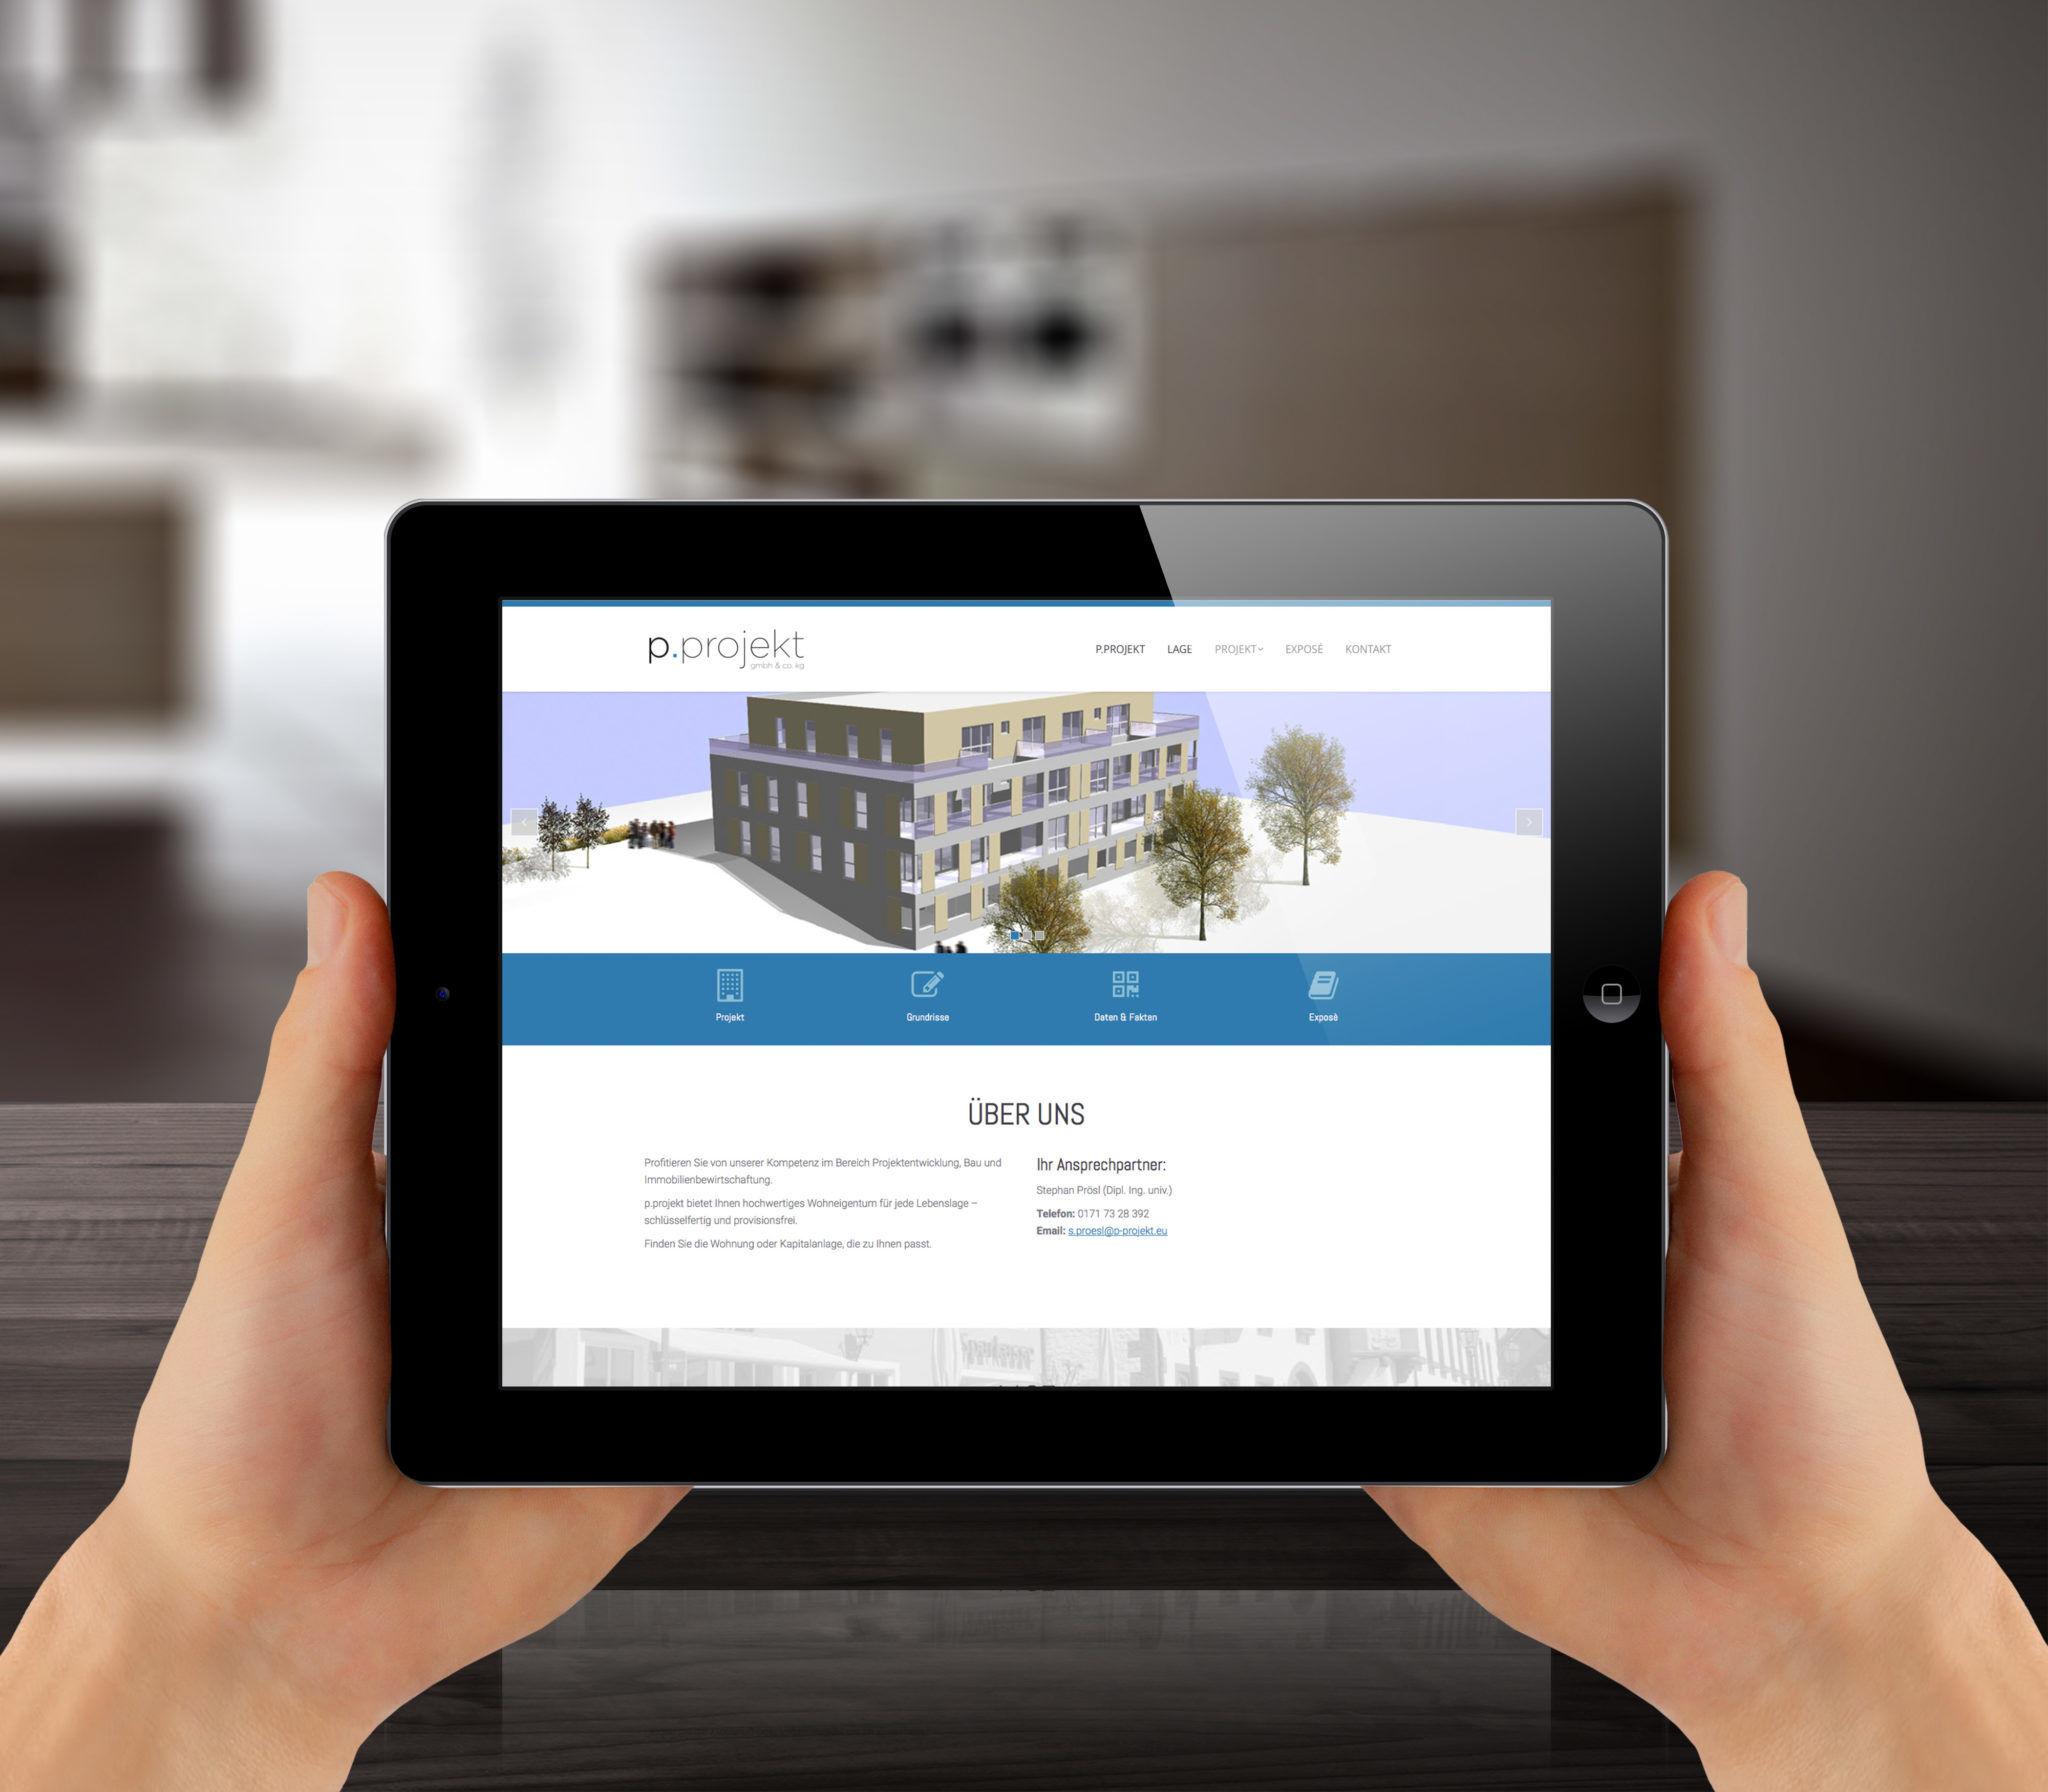 Webseite p.projekt